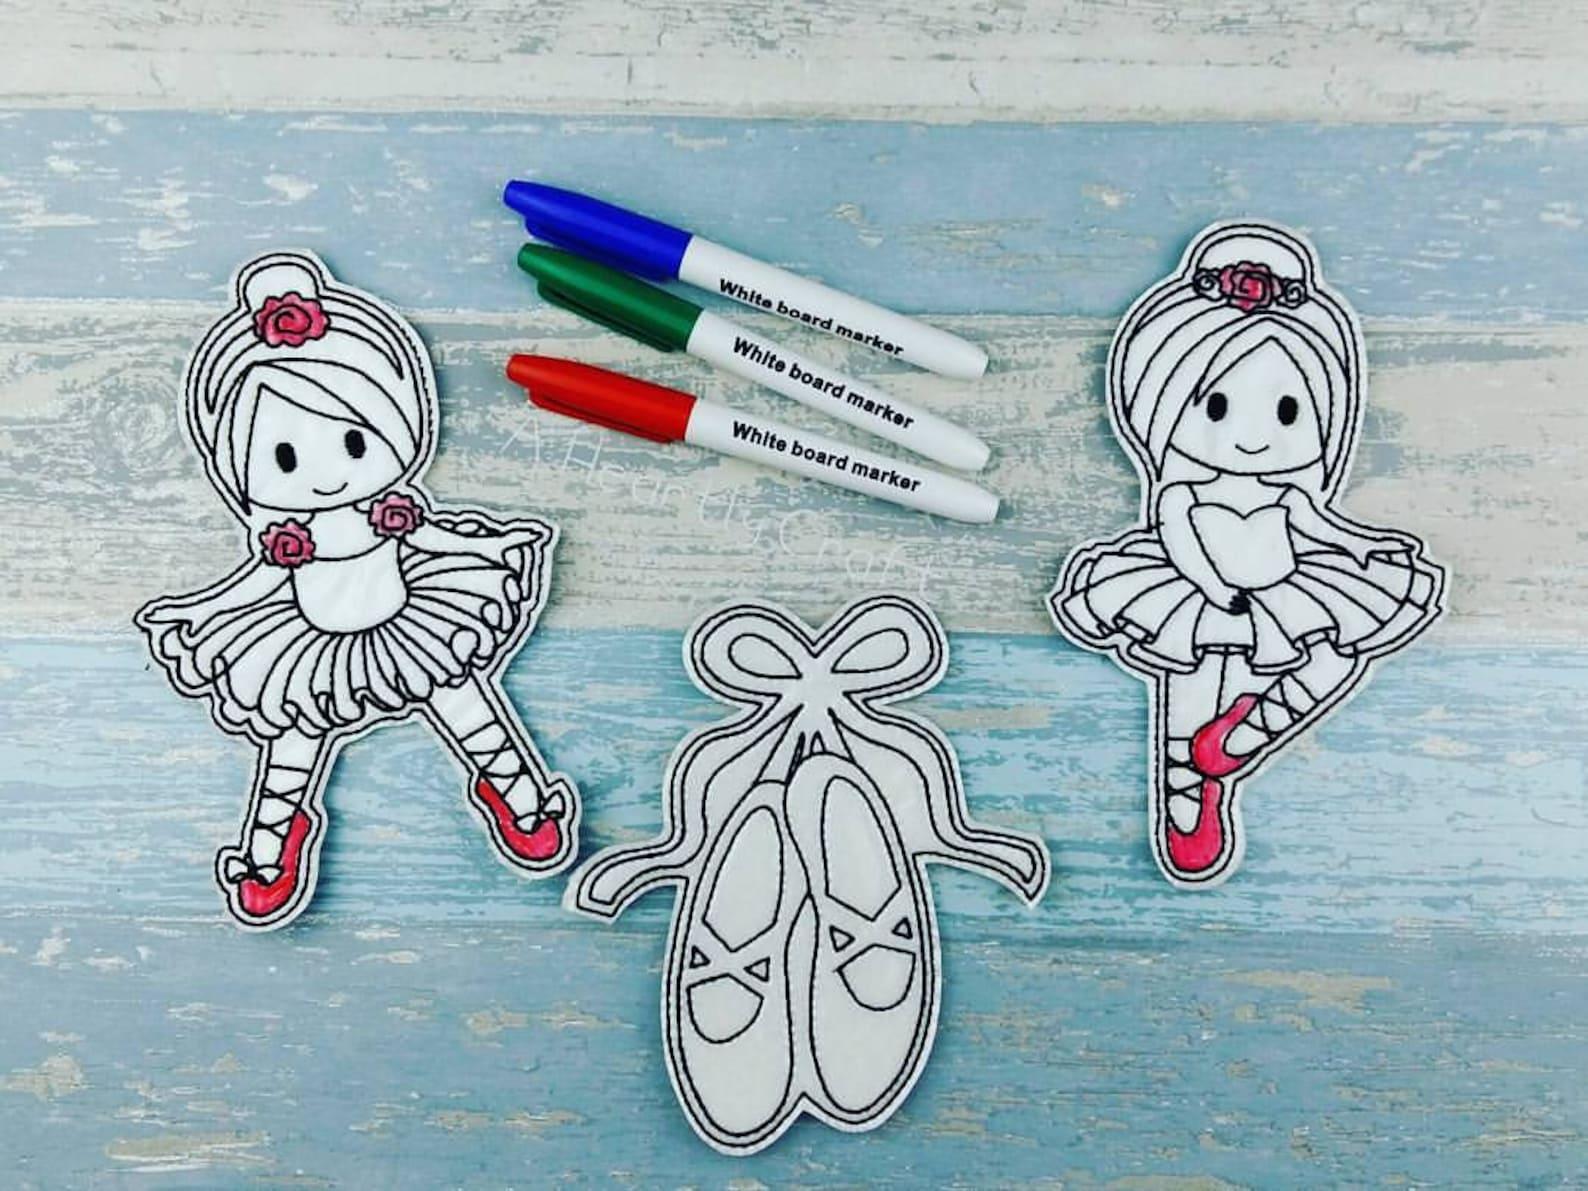 ballerina art colouring set - ballet - ballet shoes - reusable toddler quiet book play - preschool home school art - tutu baller